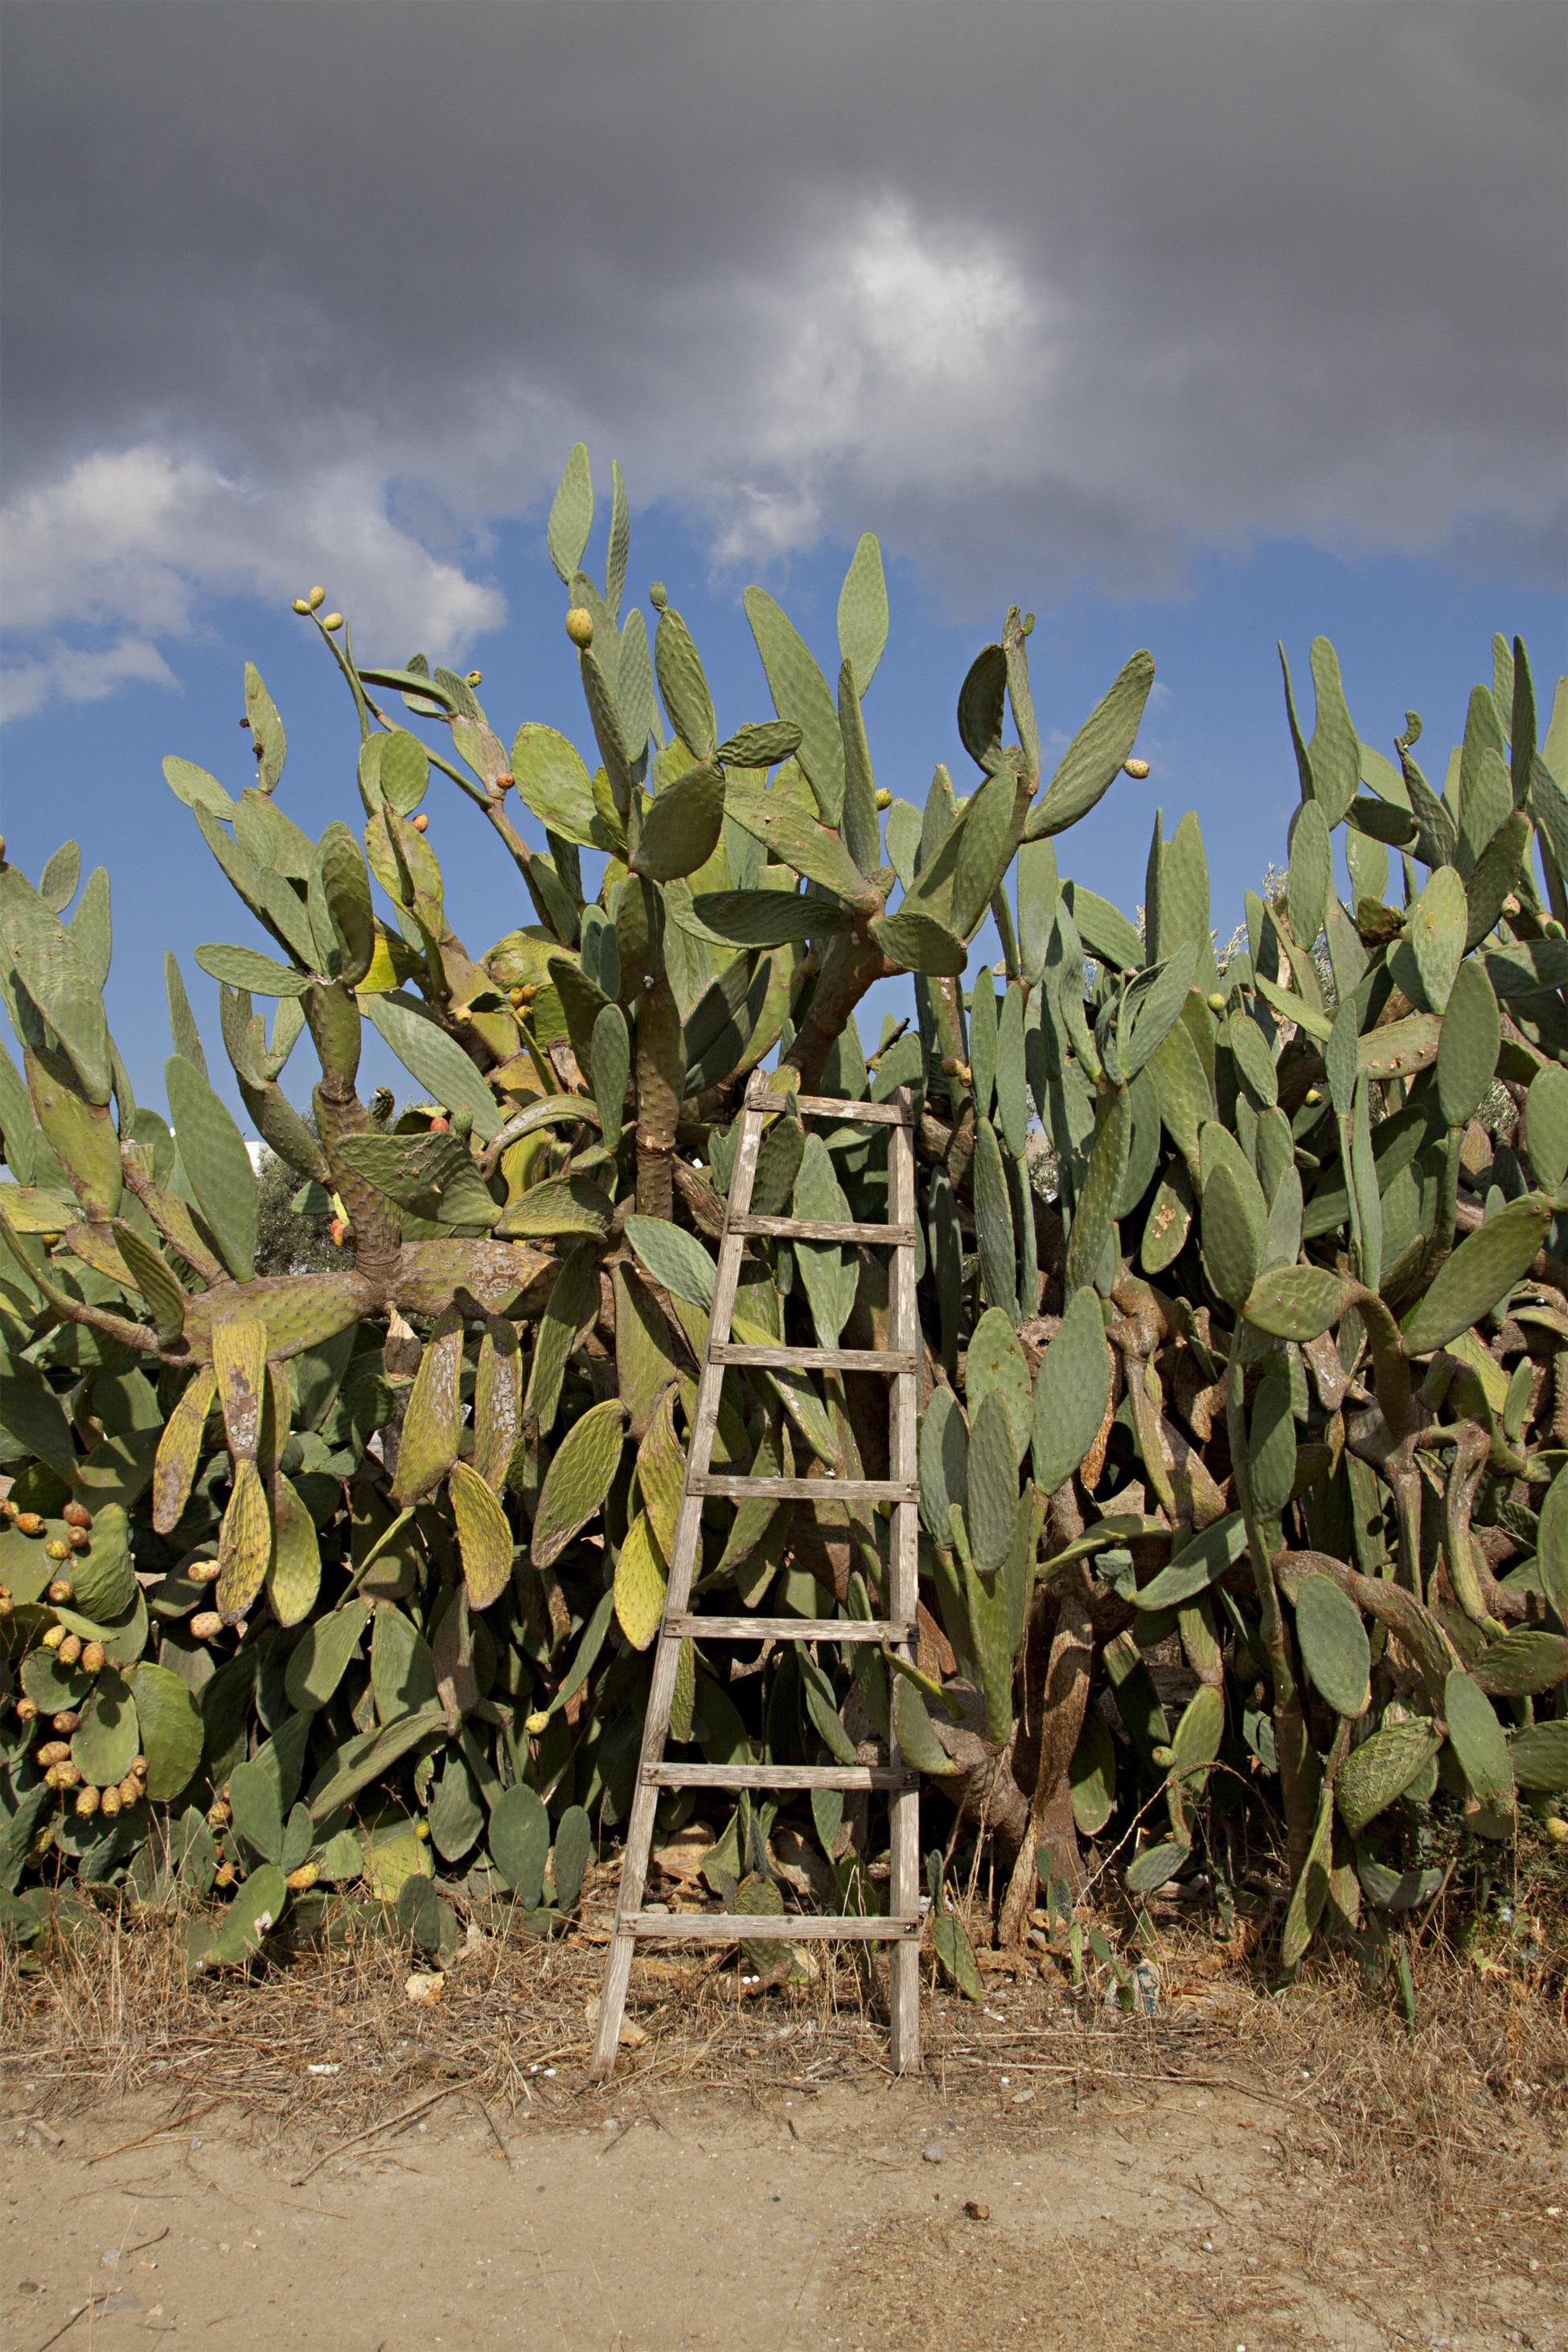 images gratuites paysage arbre herbe cactus champ chaud fleur sec aliments vert. Black Bedroom Furniture Sets. Home Design Ideas